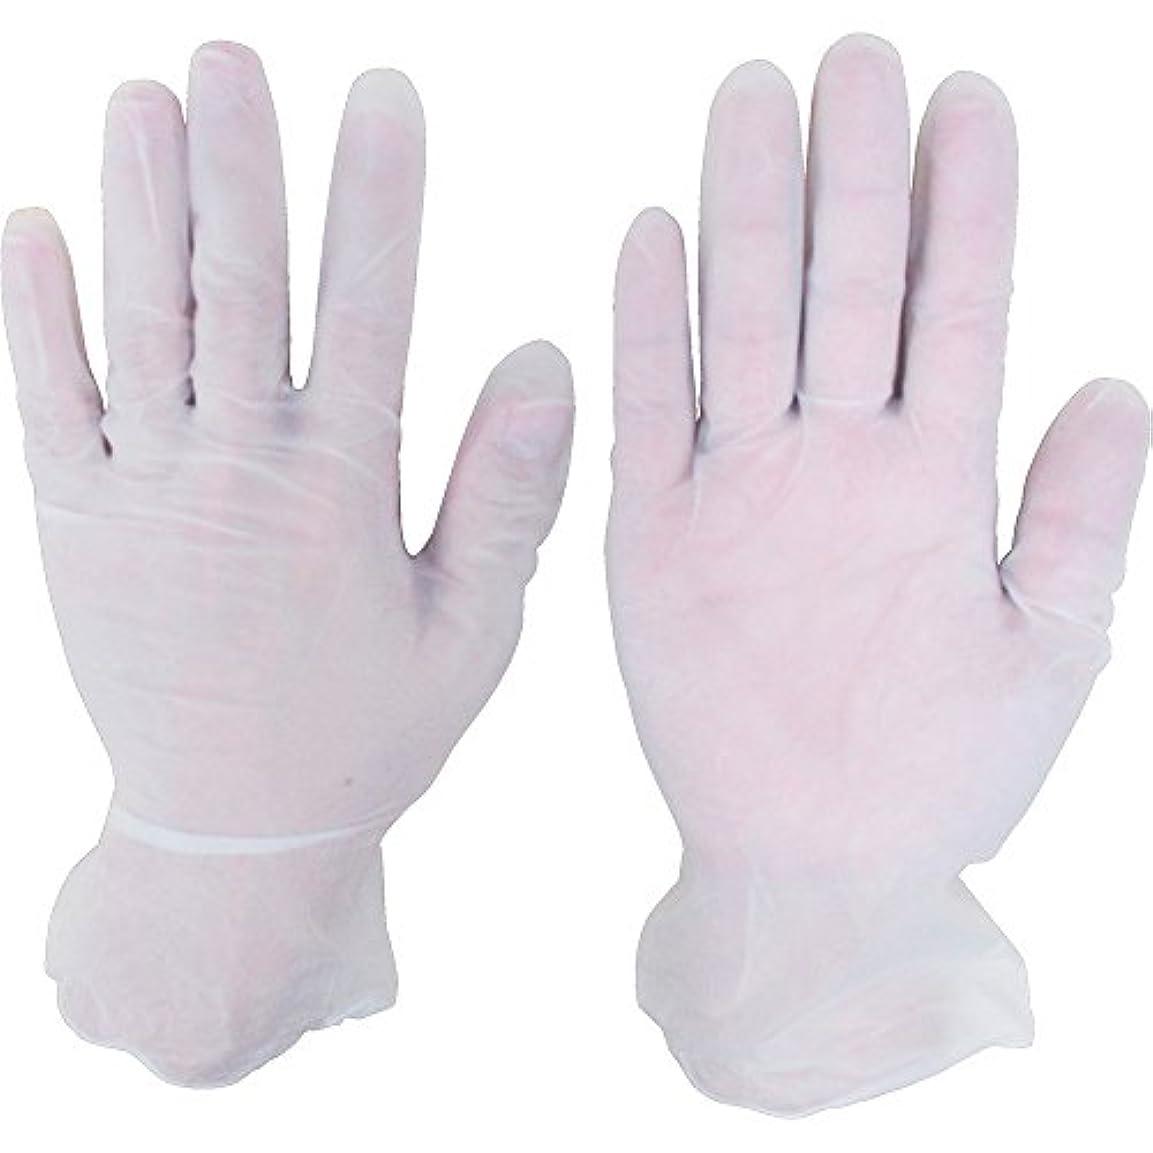 カウボーイ薄める任命シンガー プラスチックグローブNo8100PF Sサイズ (100枚入) D201-S ビニール使い捨て手袋